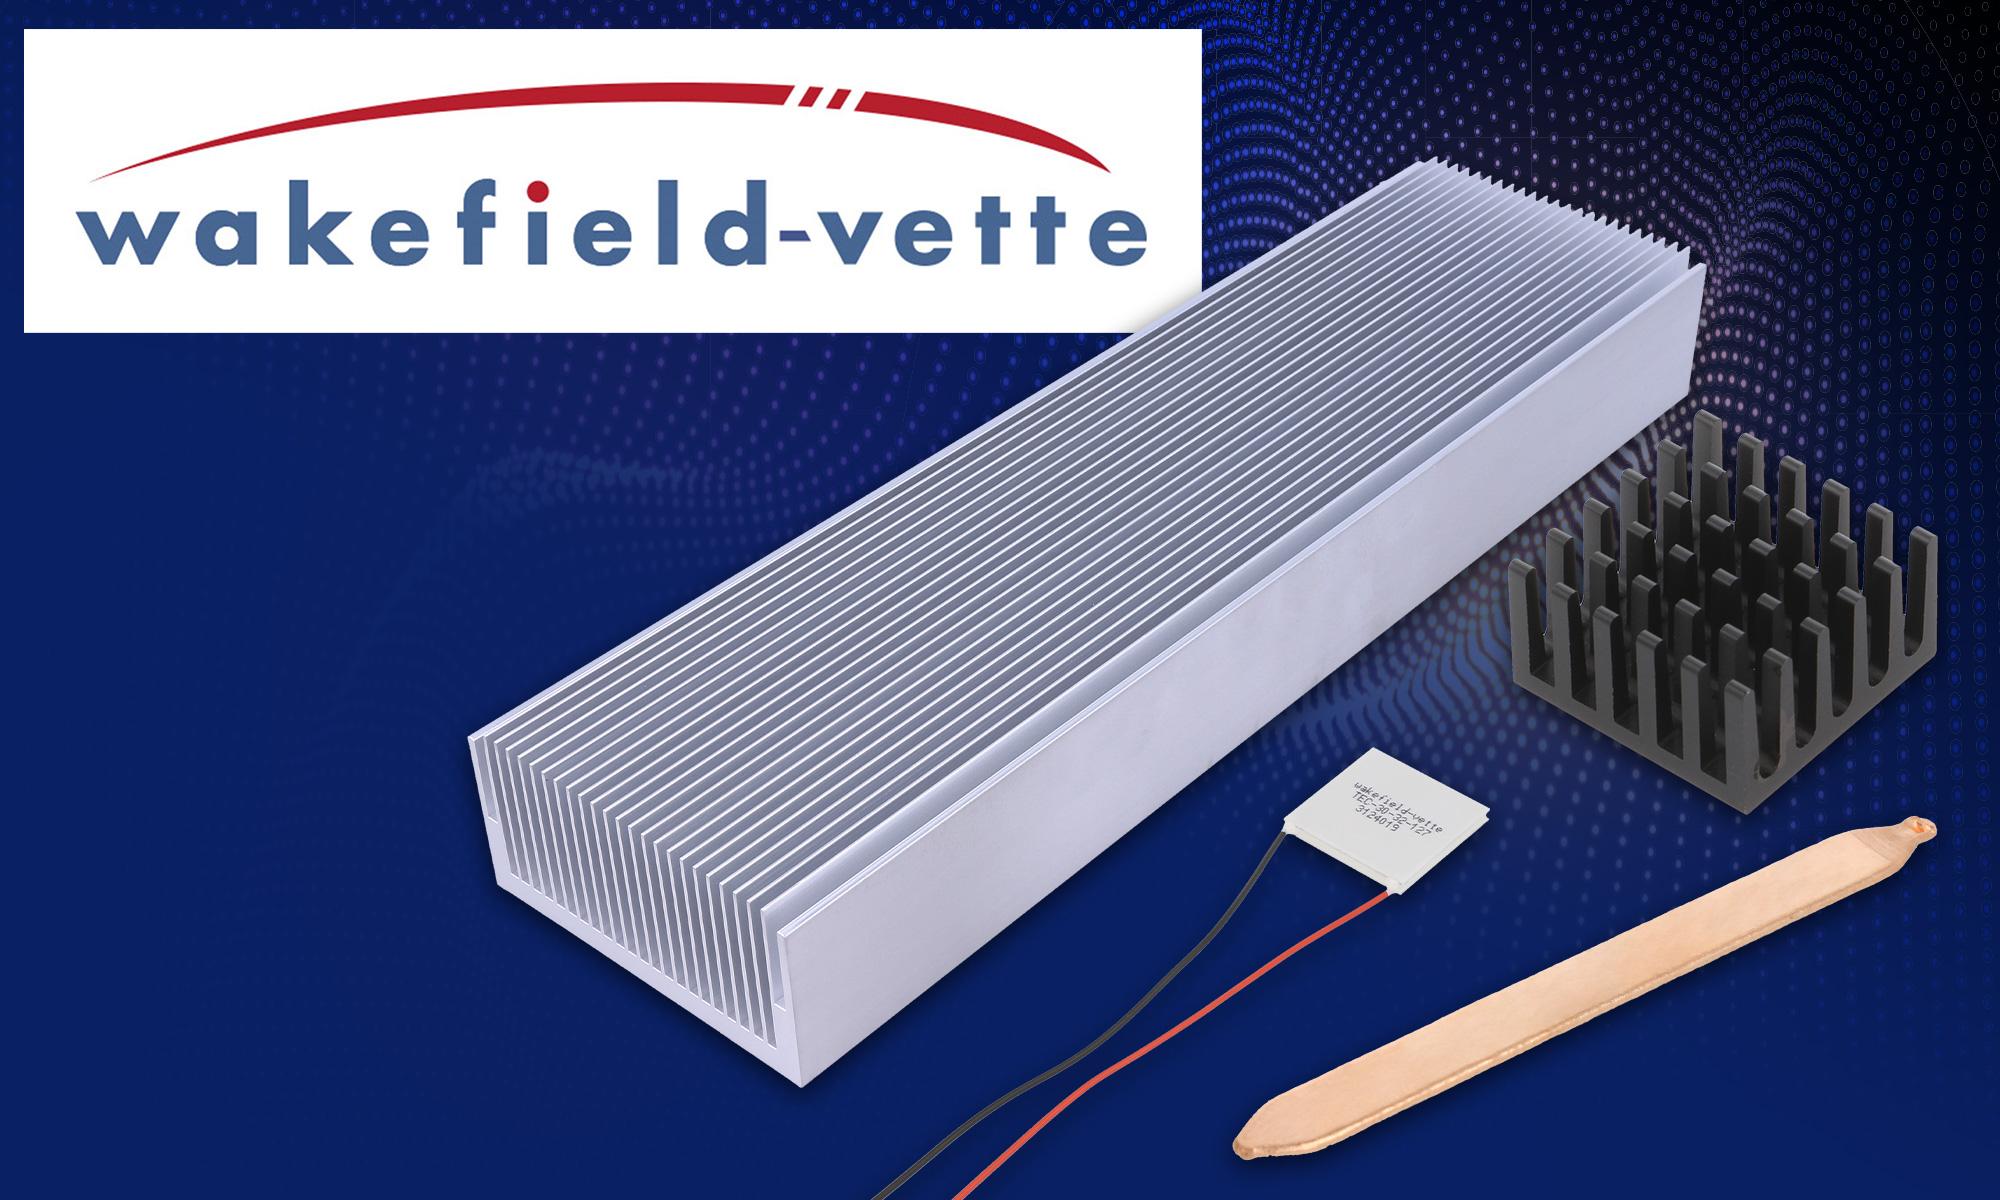 Les produits de Wakefield-Vette déjà disponibles chez TME